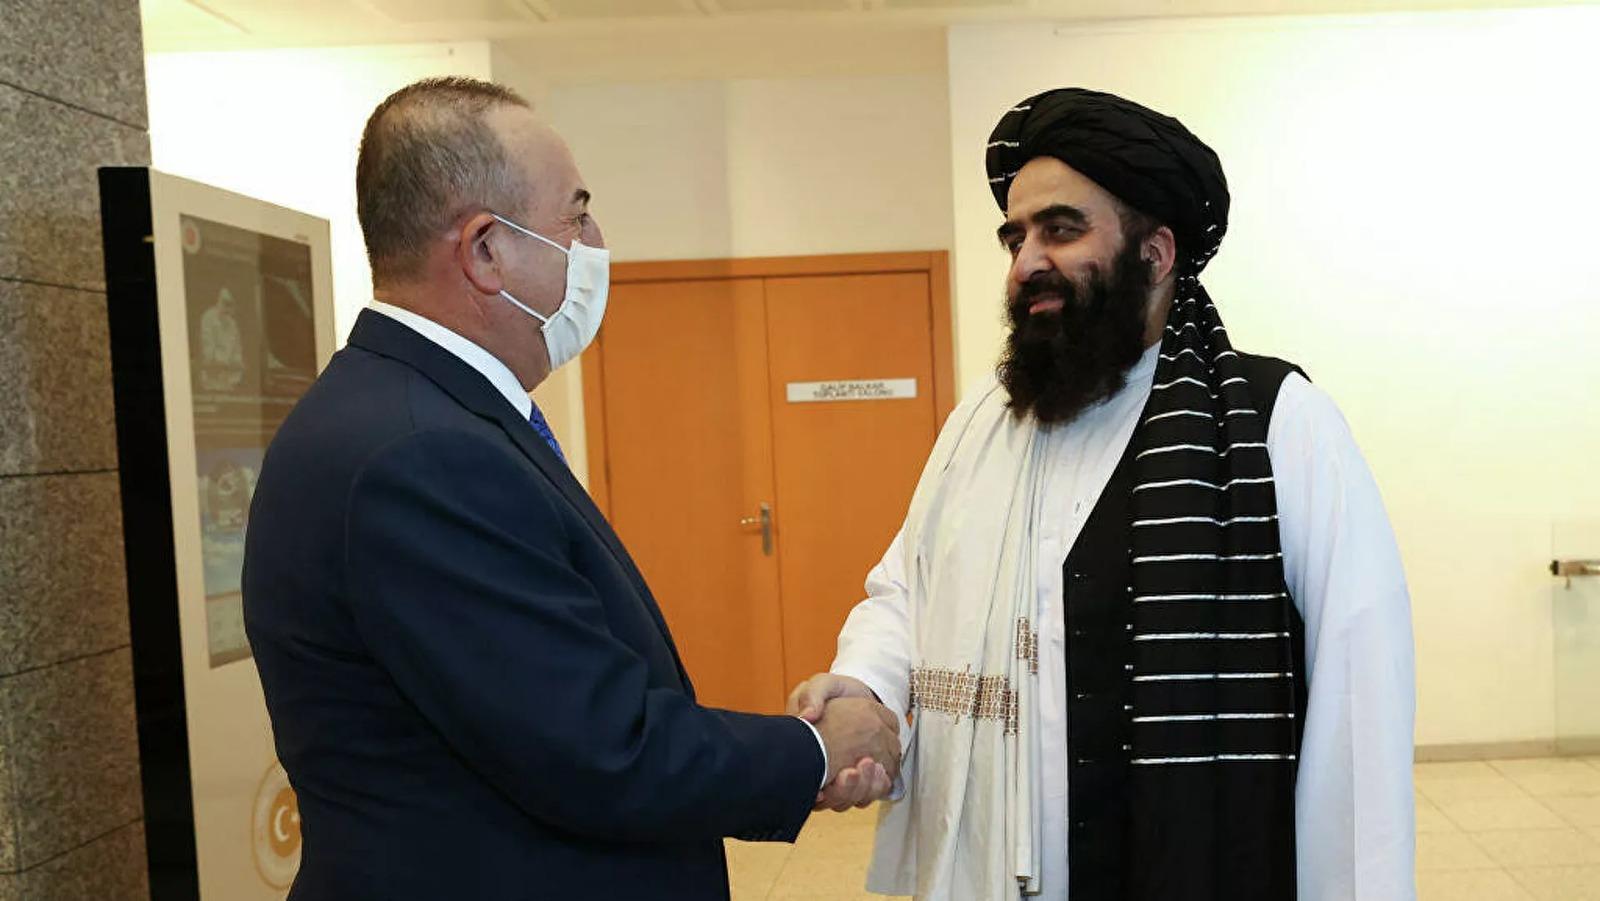 Taliban'la görüşme sonrası Çavuşoğlu'ndan açıklama!